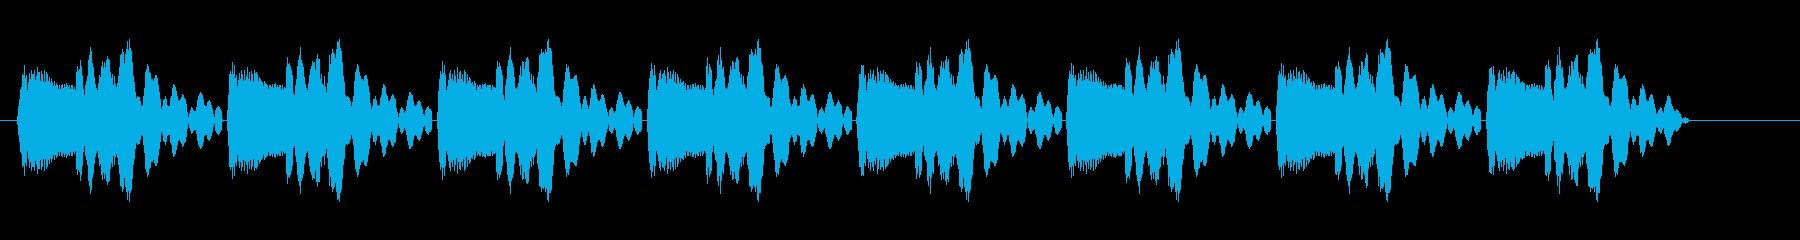 ピヨピヨピヨ (通知に適している効果音)の再生済みの波形